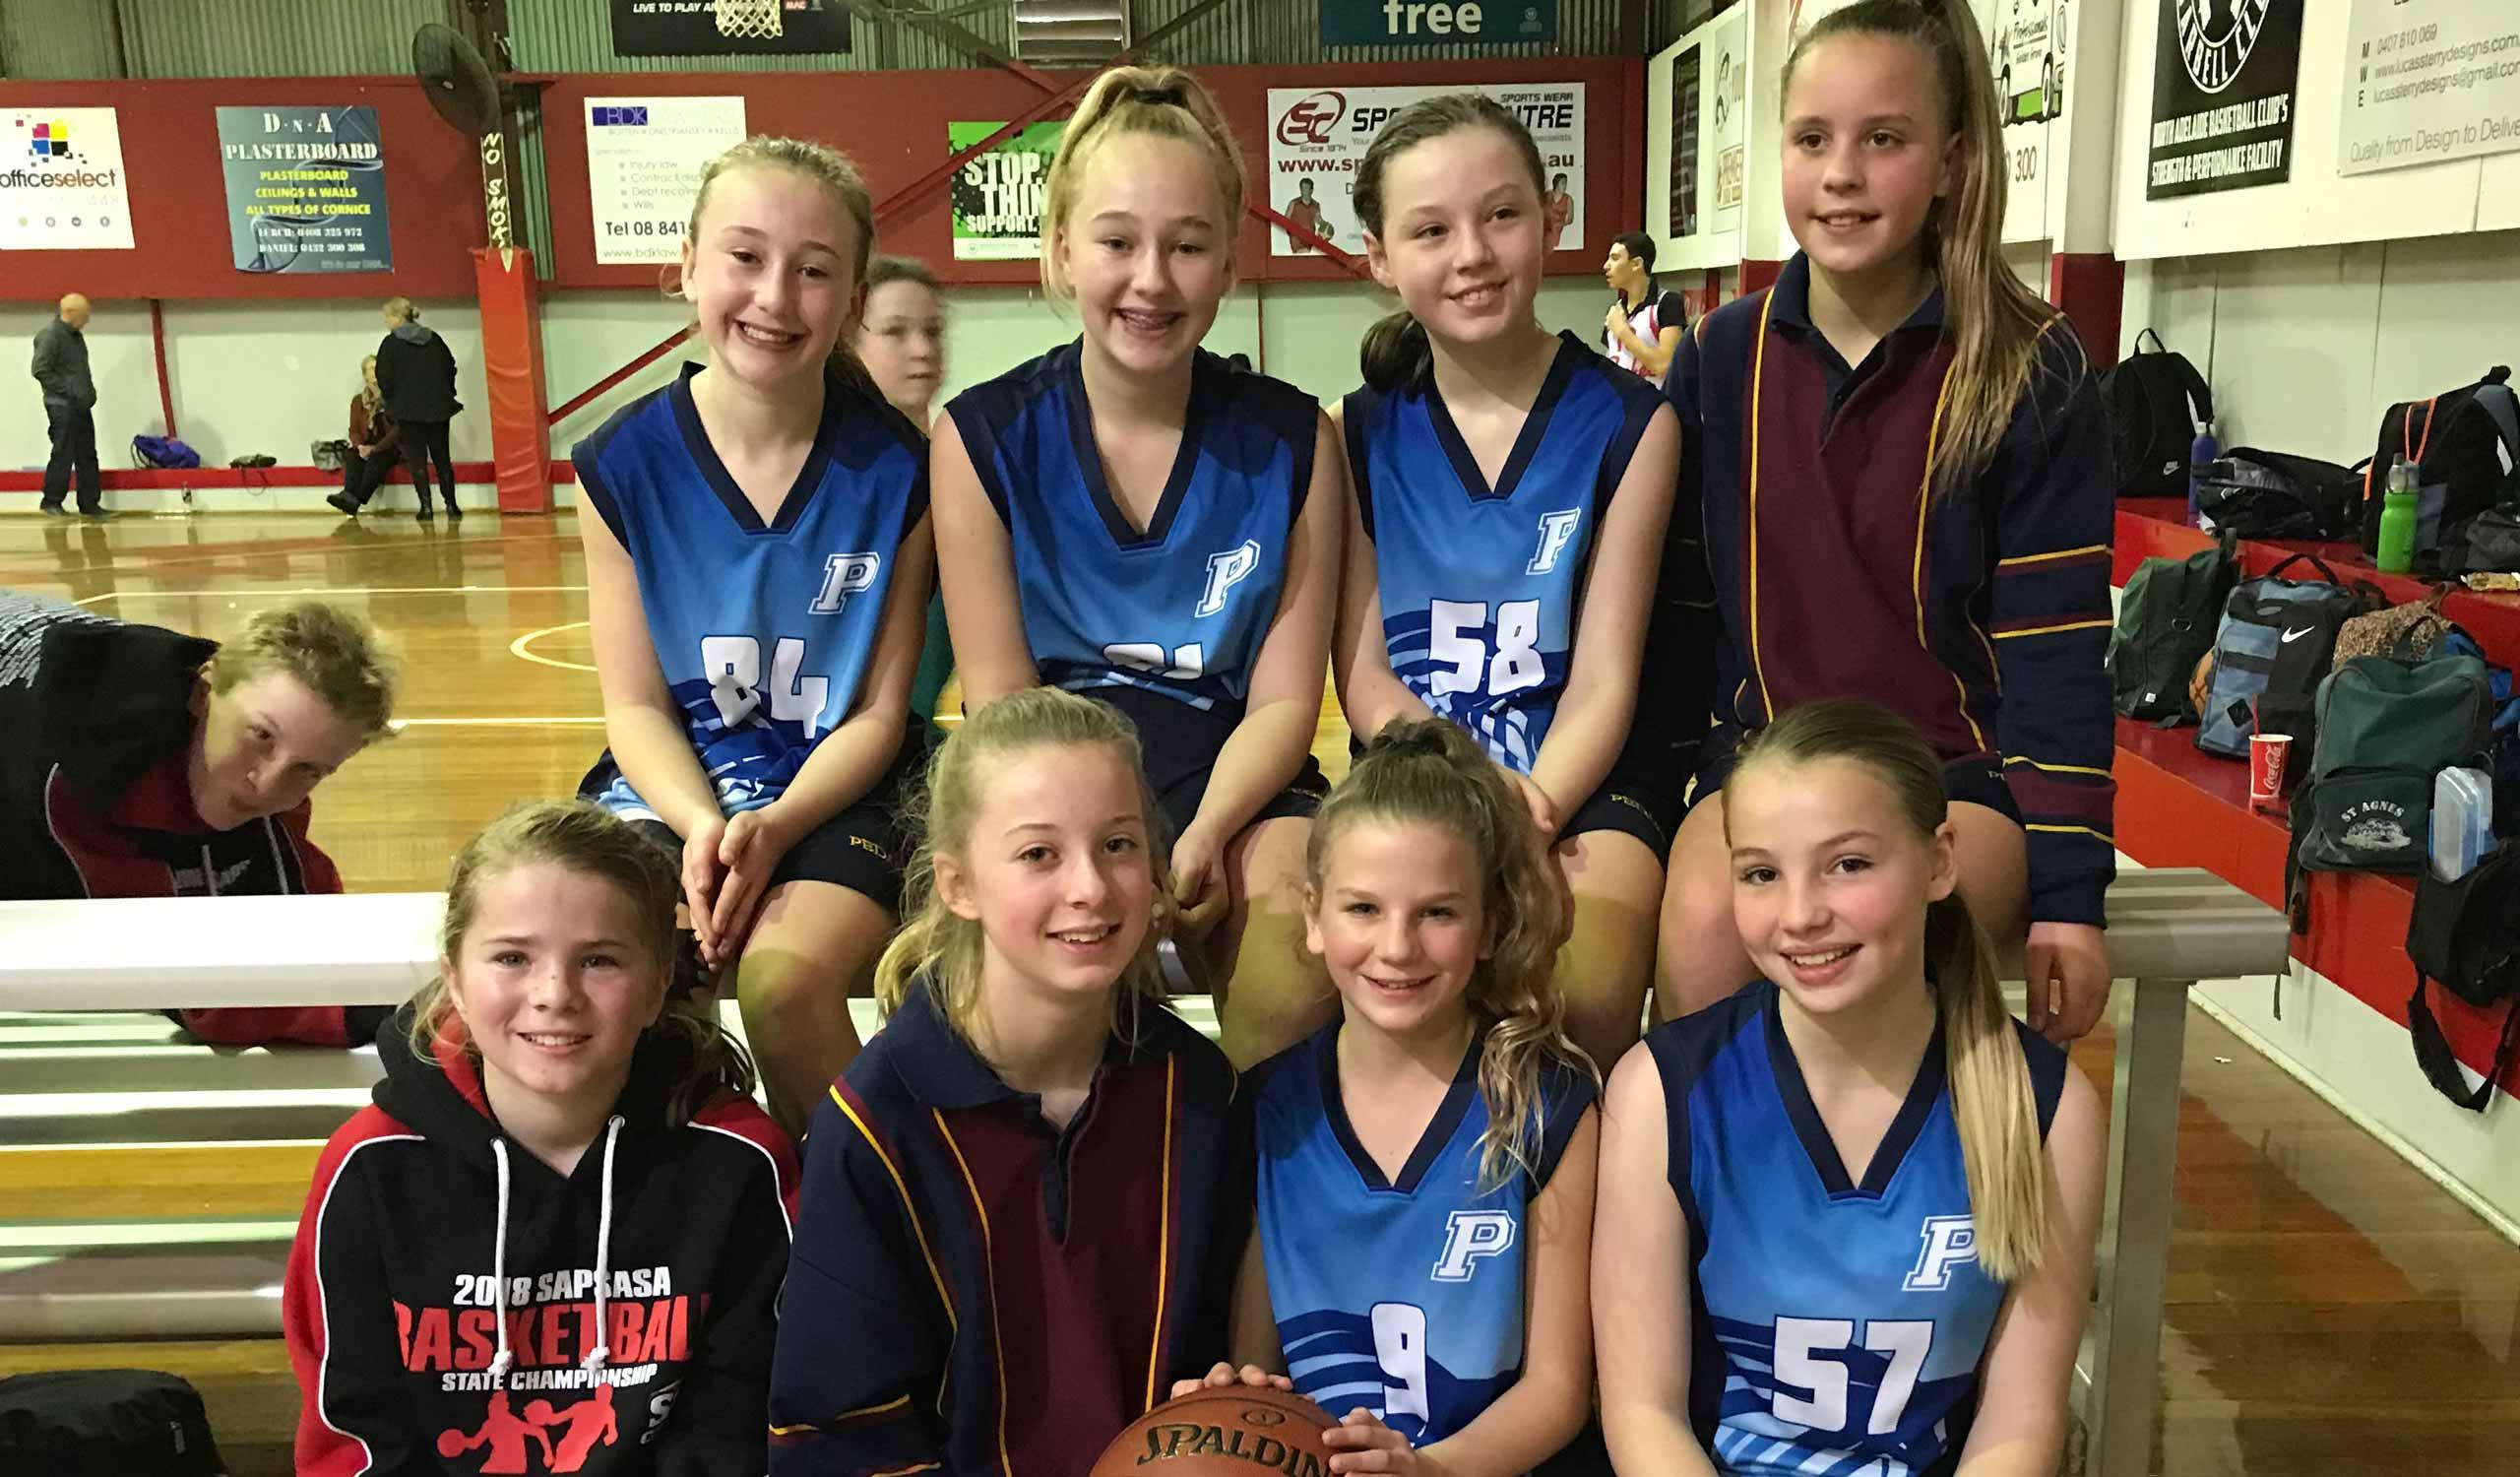 SAPSASA-Basketball-girls